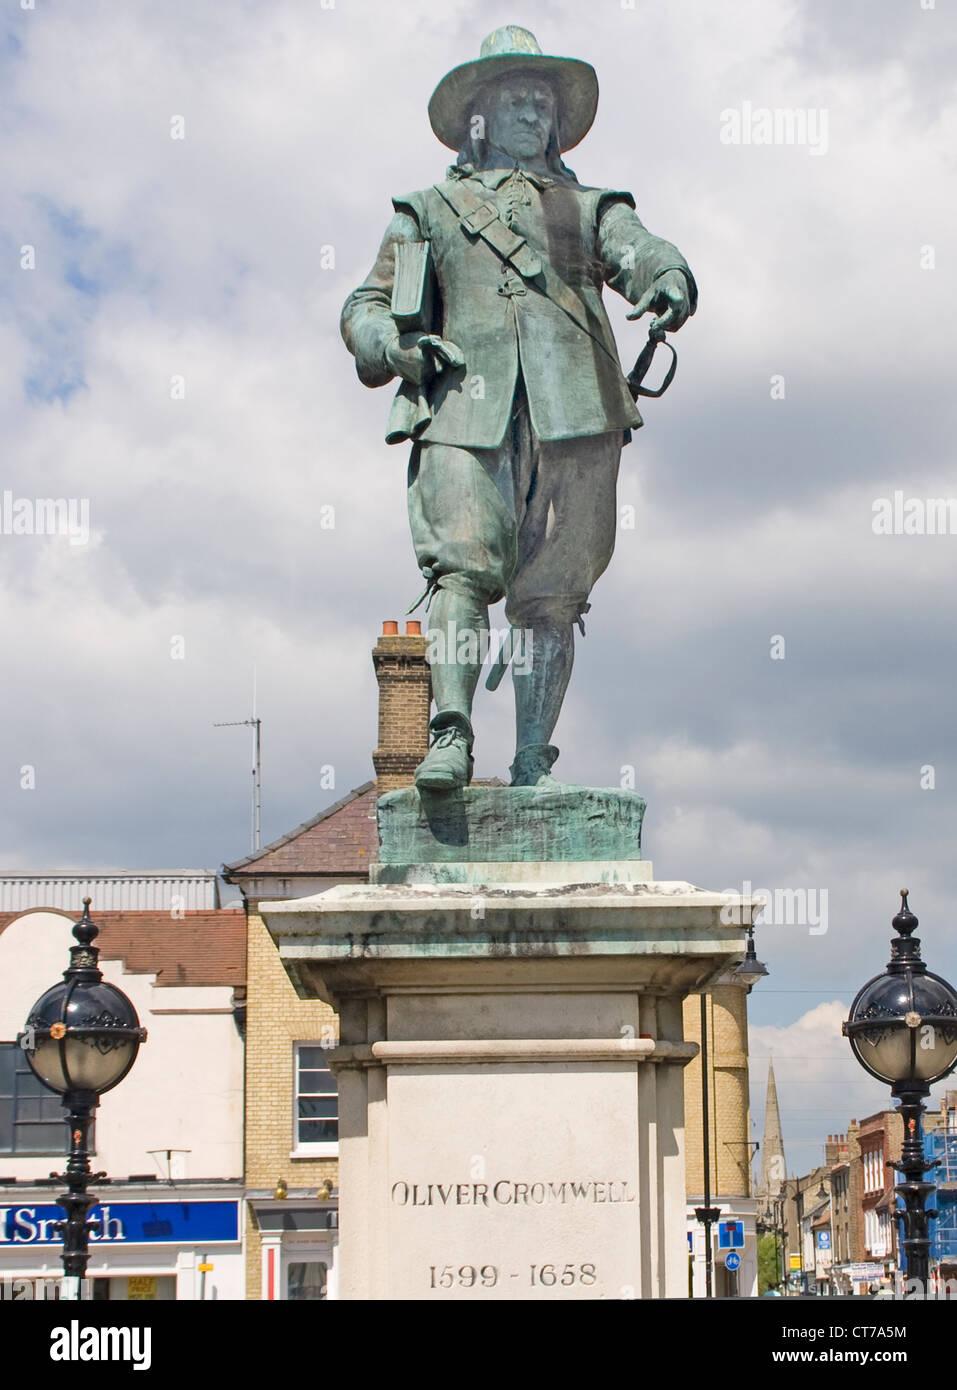 Oliver Cromwell statue St. Ives Cambridgeshire UK - Stock Image